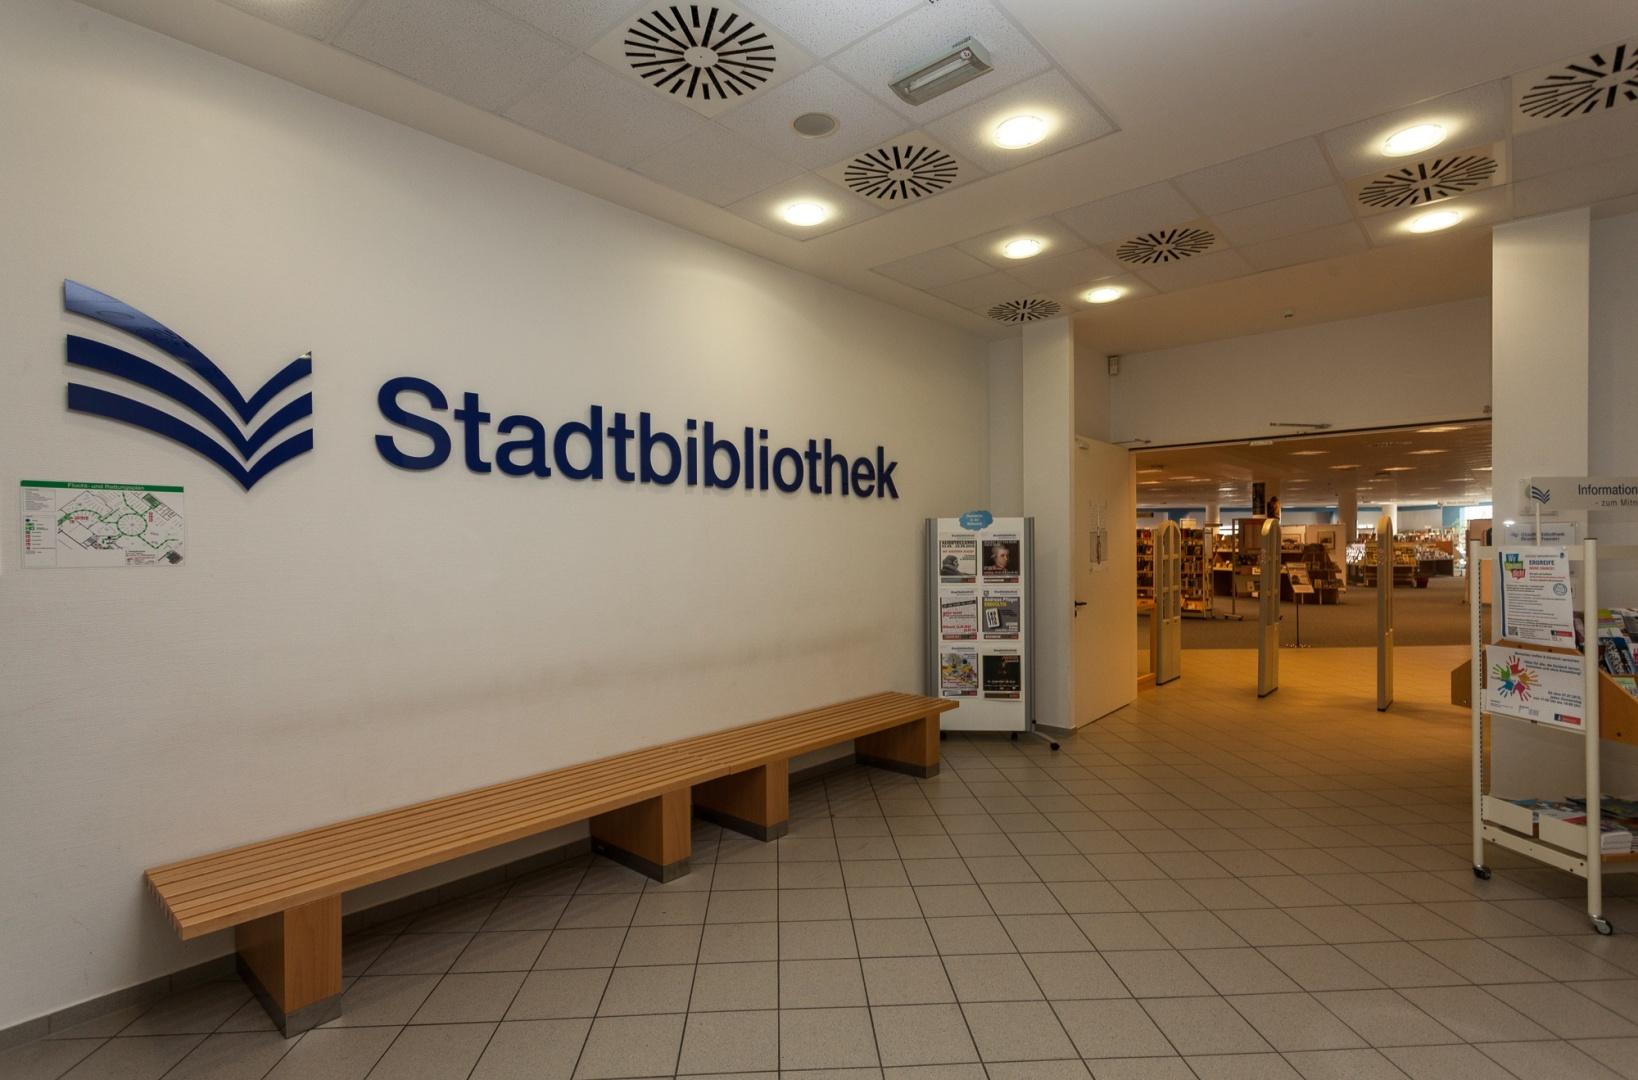 Stadtbibliothek Bremerhaven De